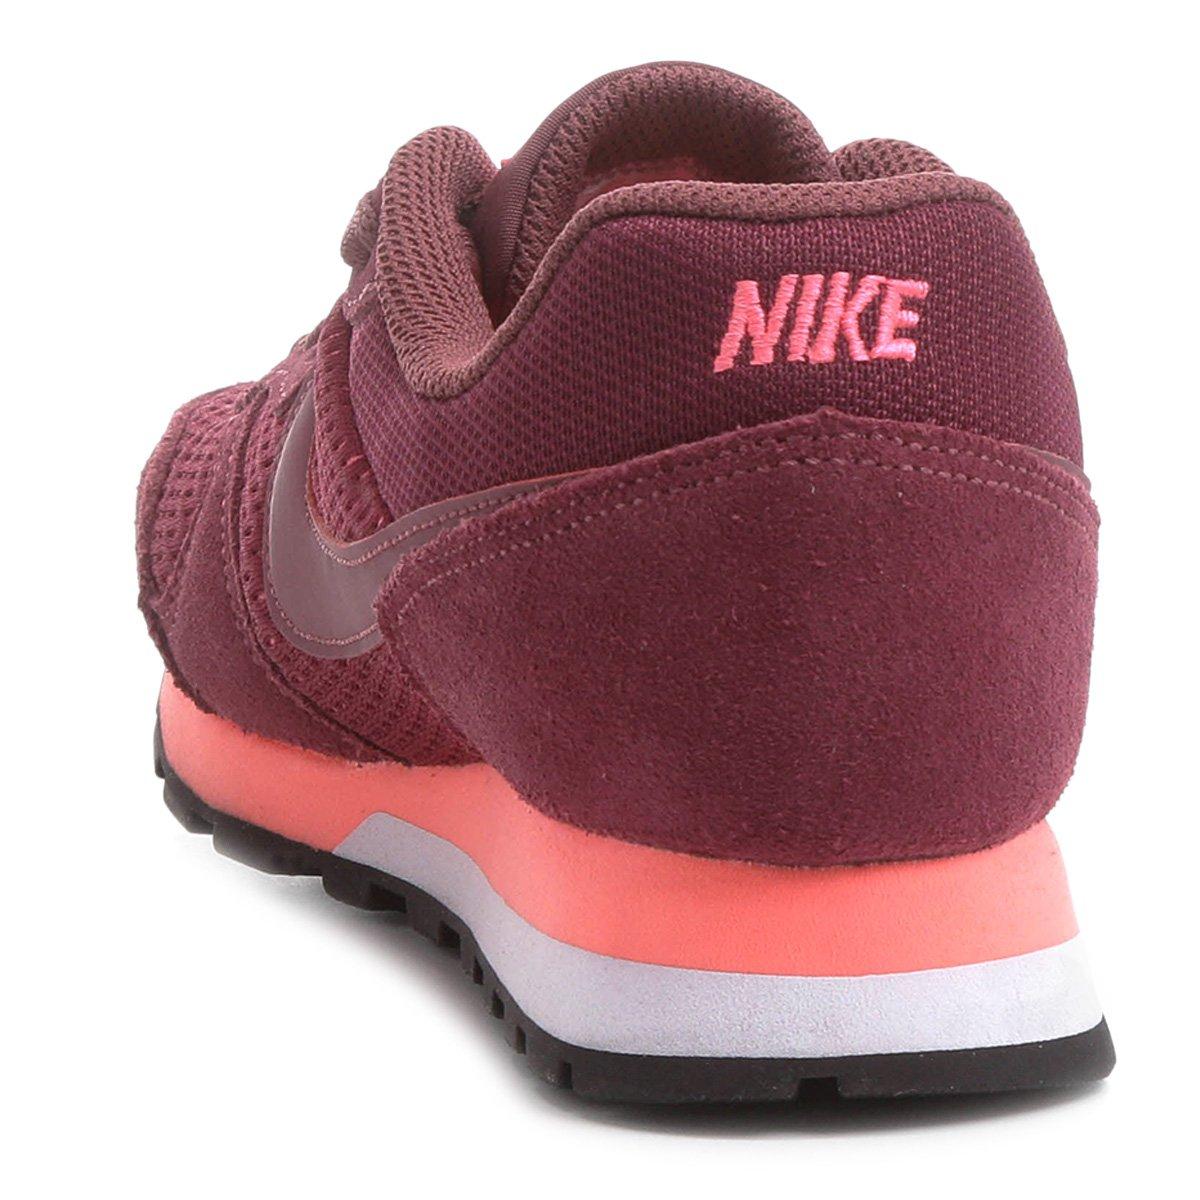 Tênis Nike Md Runner 2 Feminino - Vermelho Escuro - Compre Agora ... b0094e8b6c568